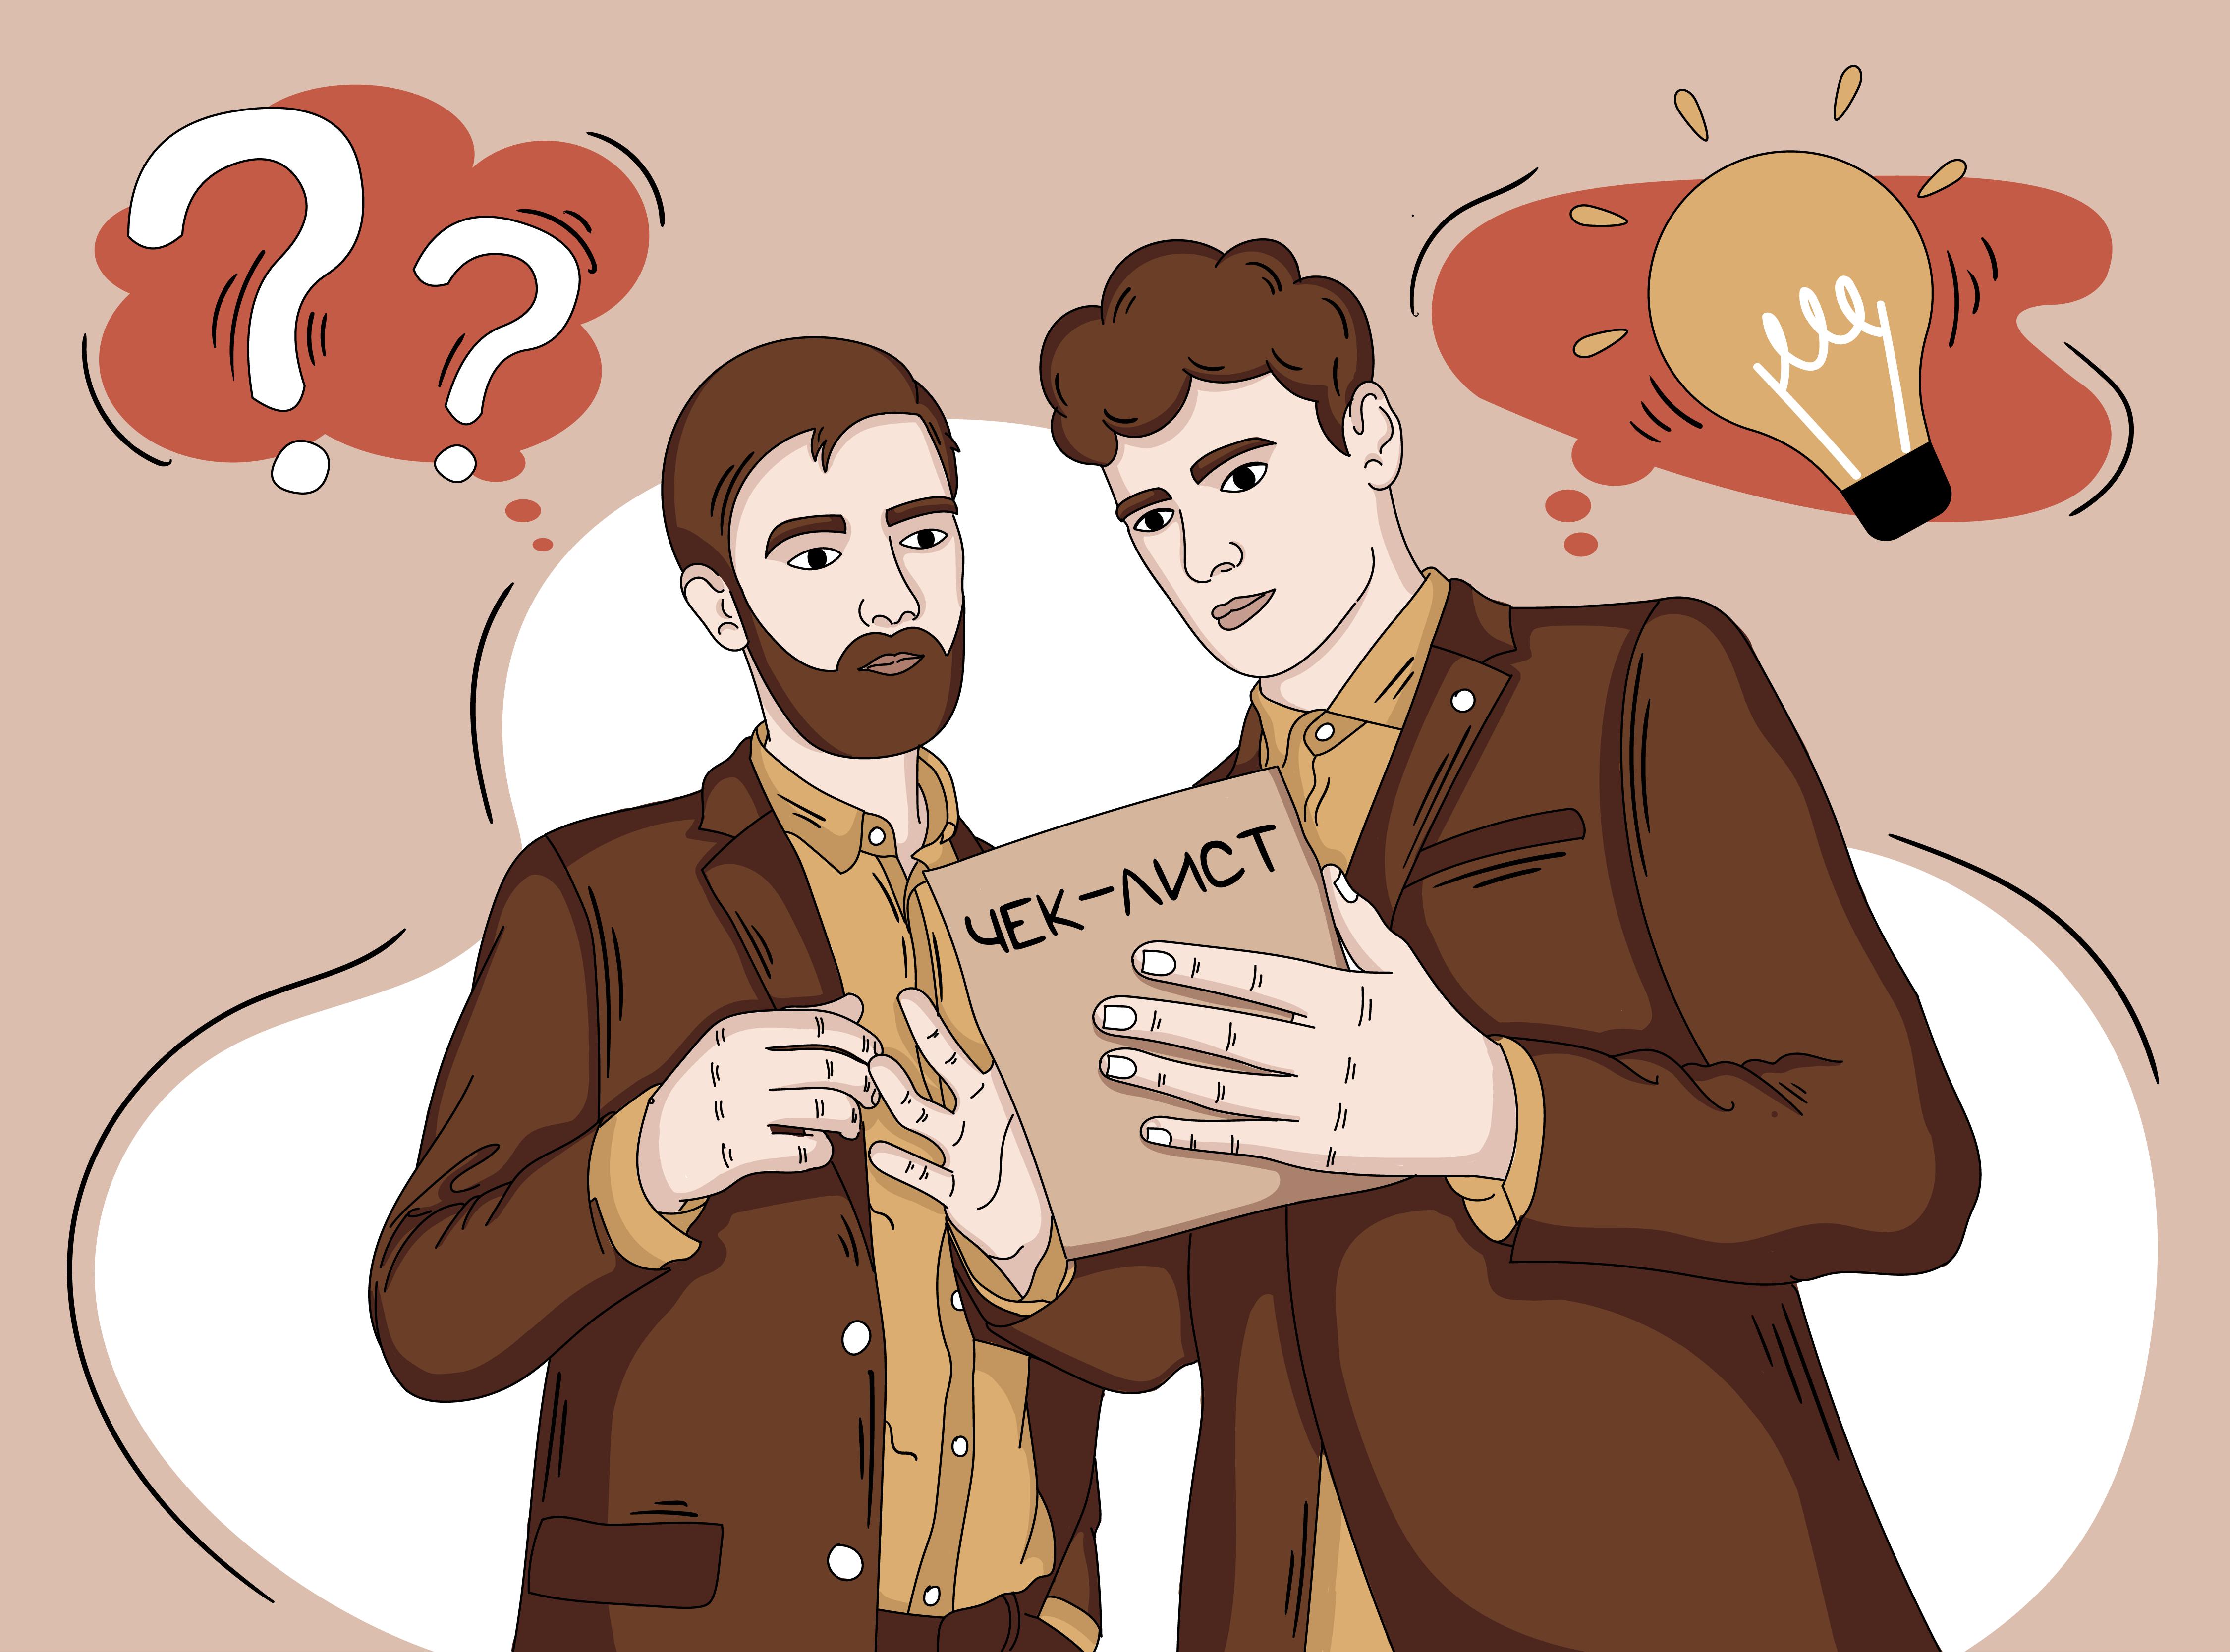 Топ вопросов, которые нужно обсудить с партнером по бизнесу (чек-лист)